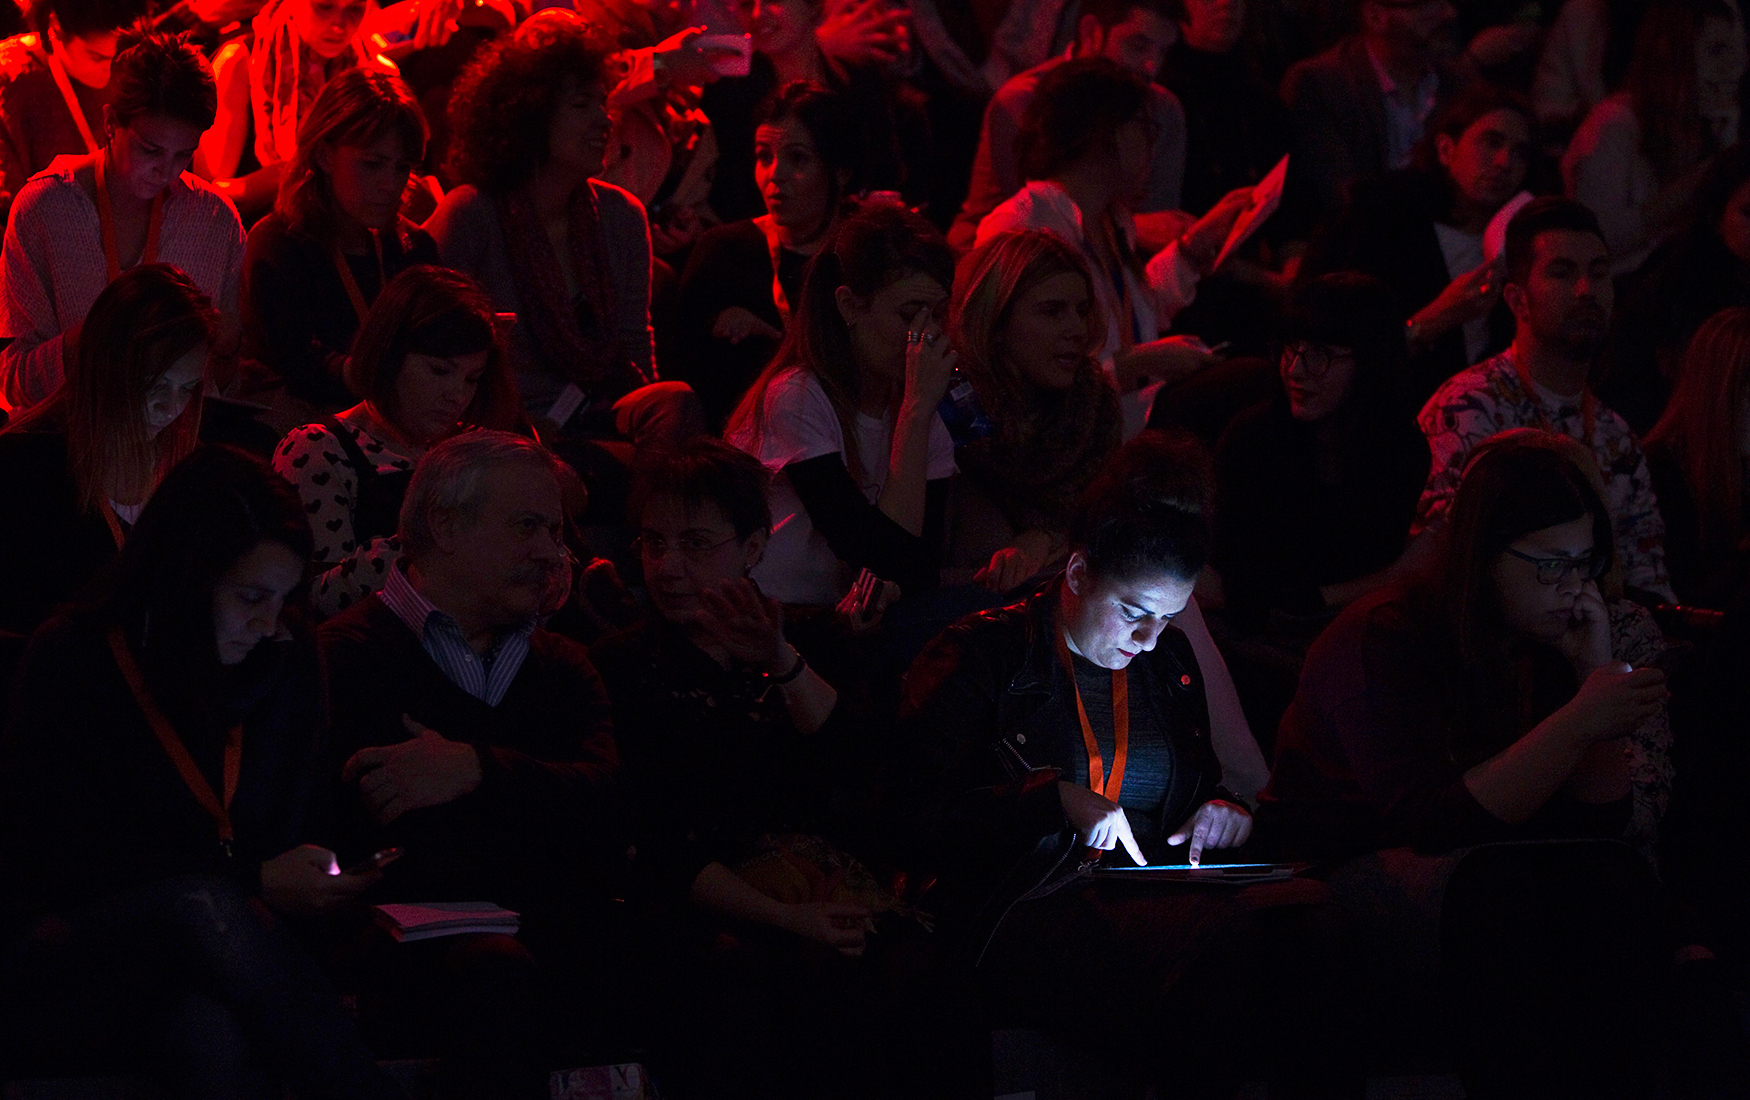 Лучше кофе и алкоголя. 65% россиян считают жизнь без интернета катастрофой